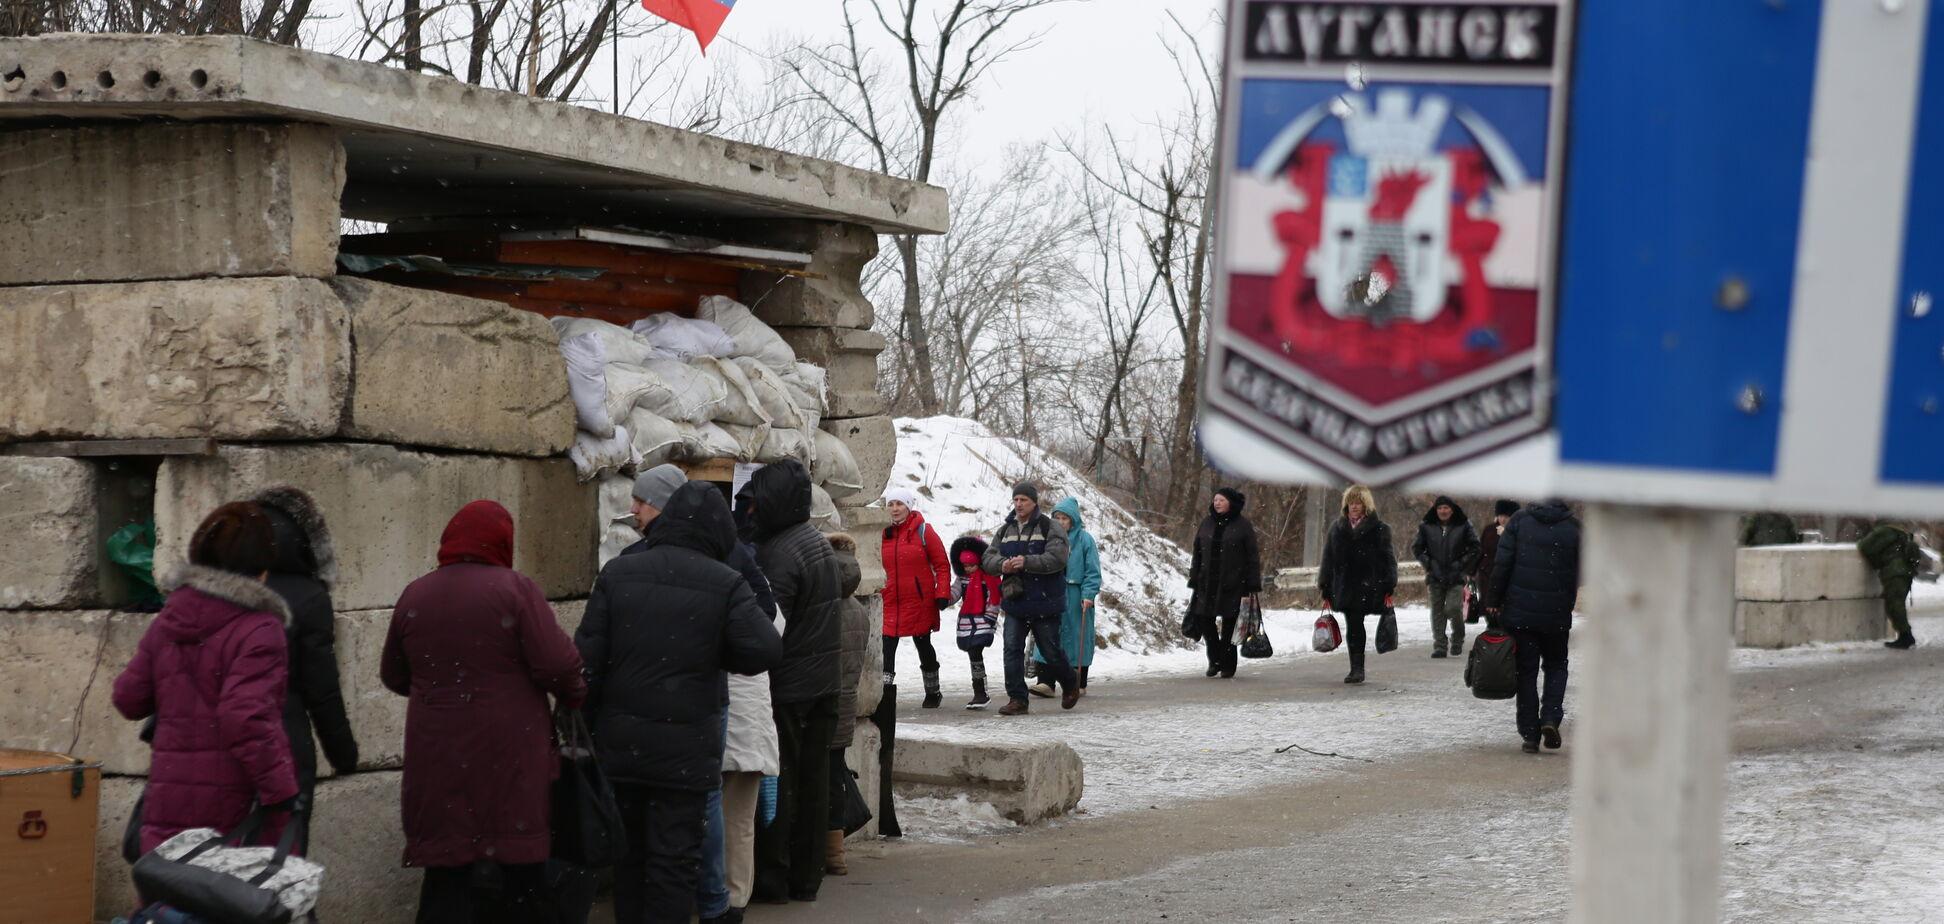 Дзвонити через Росію: стало відомо, що відбувається зі зв'язком в 'Л/ДНР'